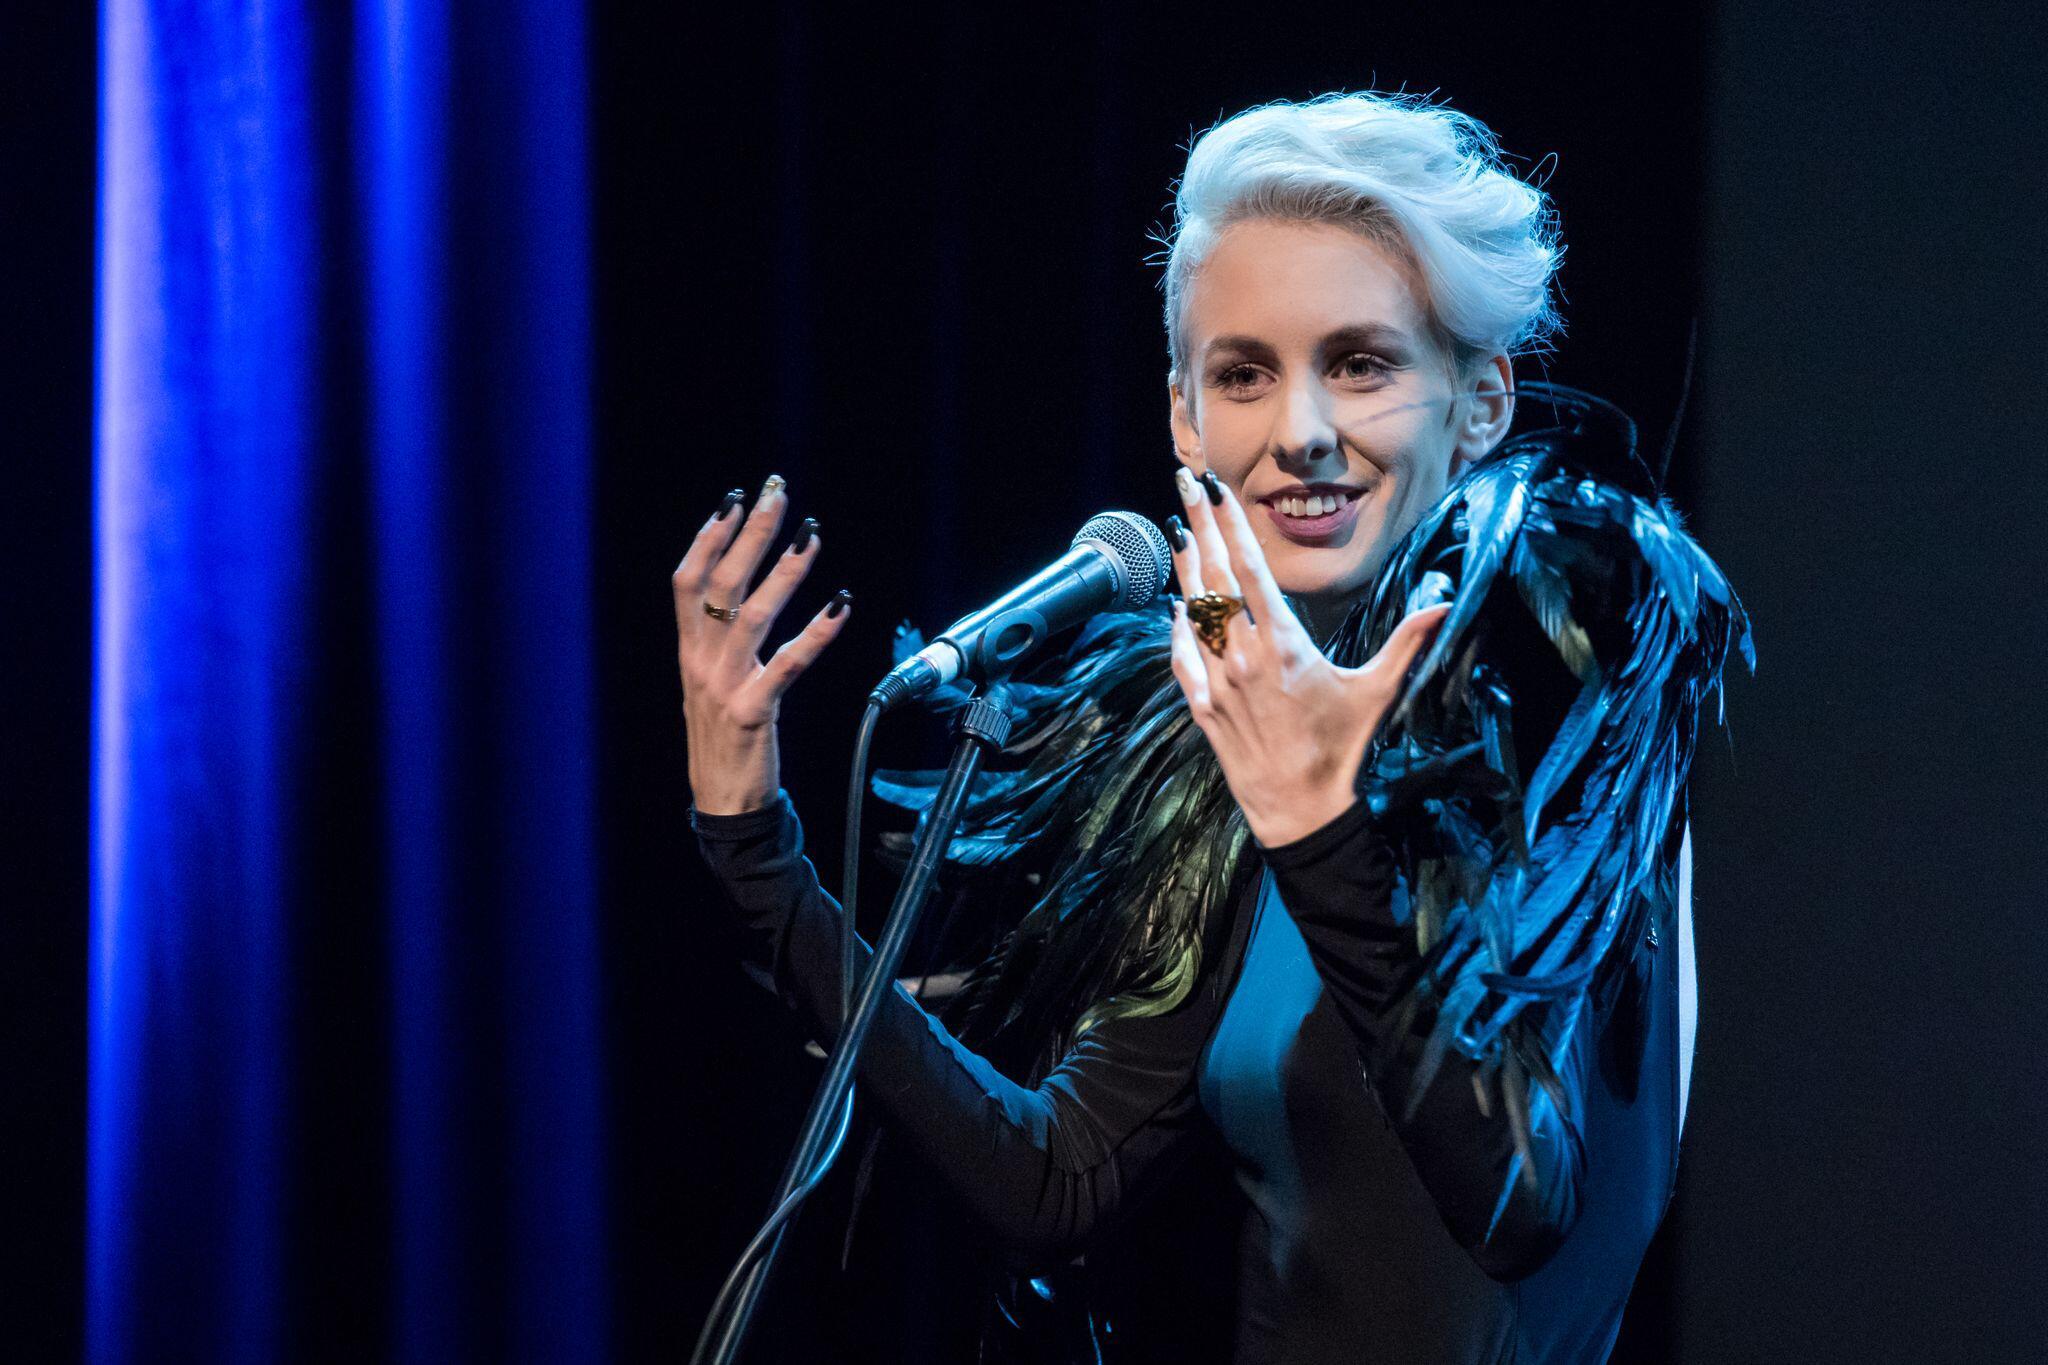 Skandal-Kabarettistin Lisa Eckhart: Zu grenzwertig für Deutschland?